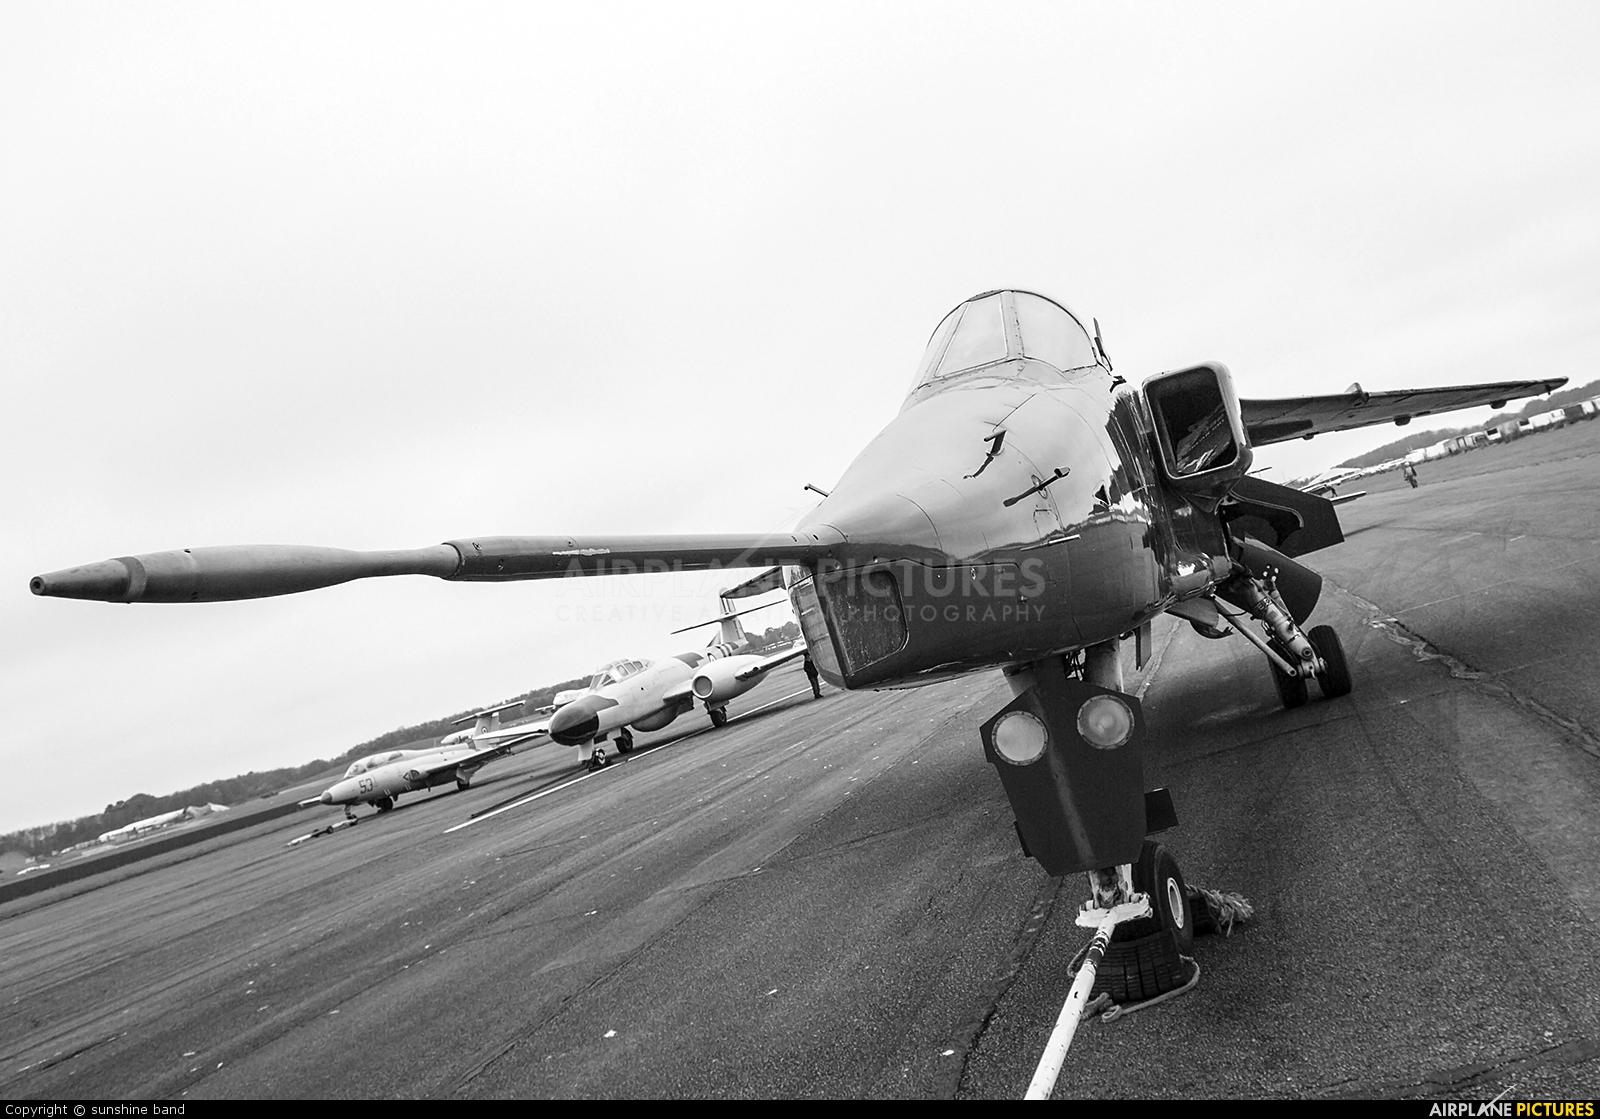 Royal Air Force XZ382 aircraft at Bruntingthorpe